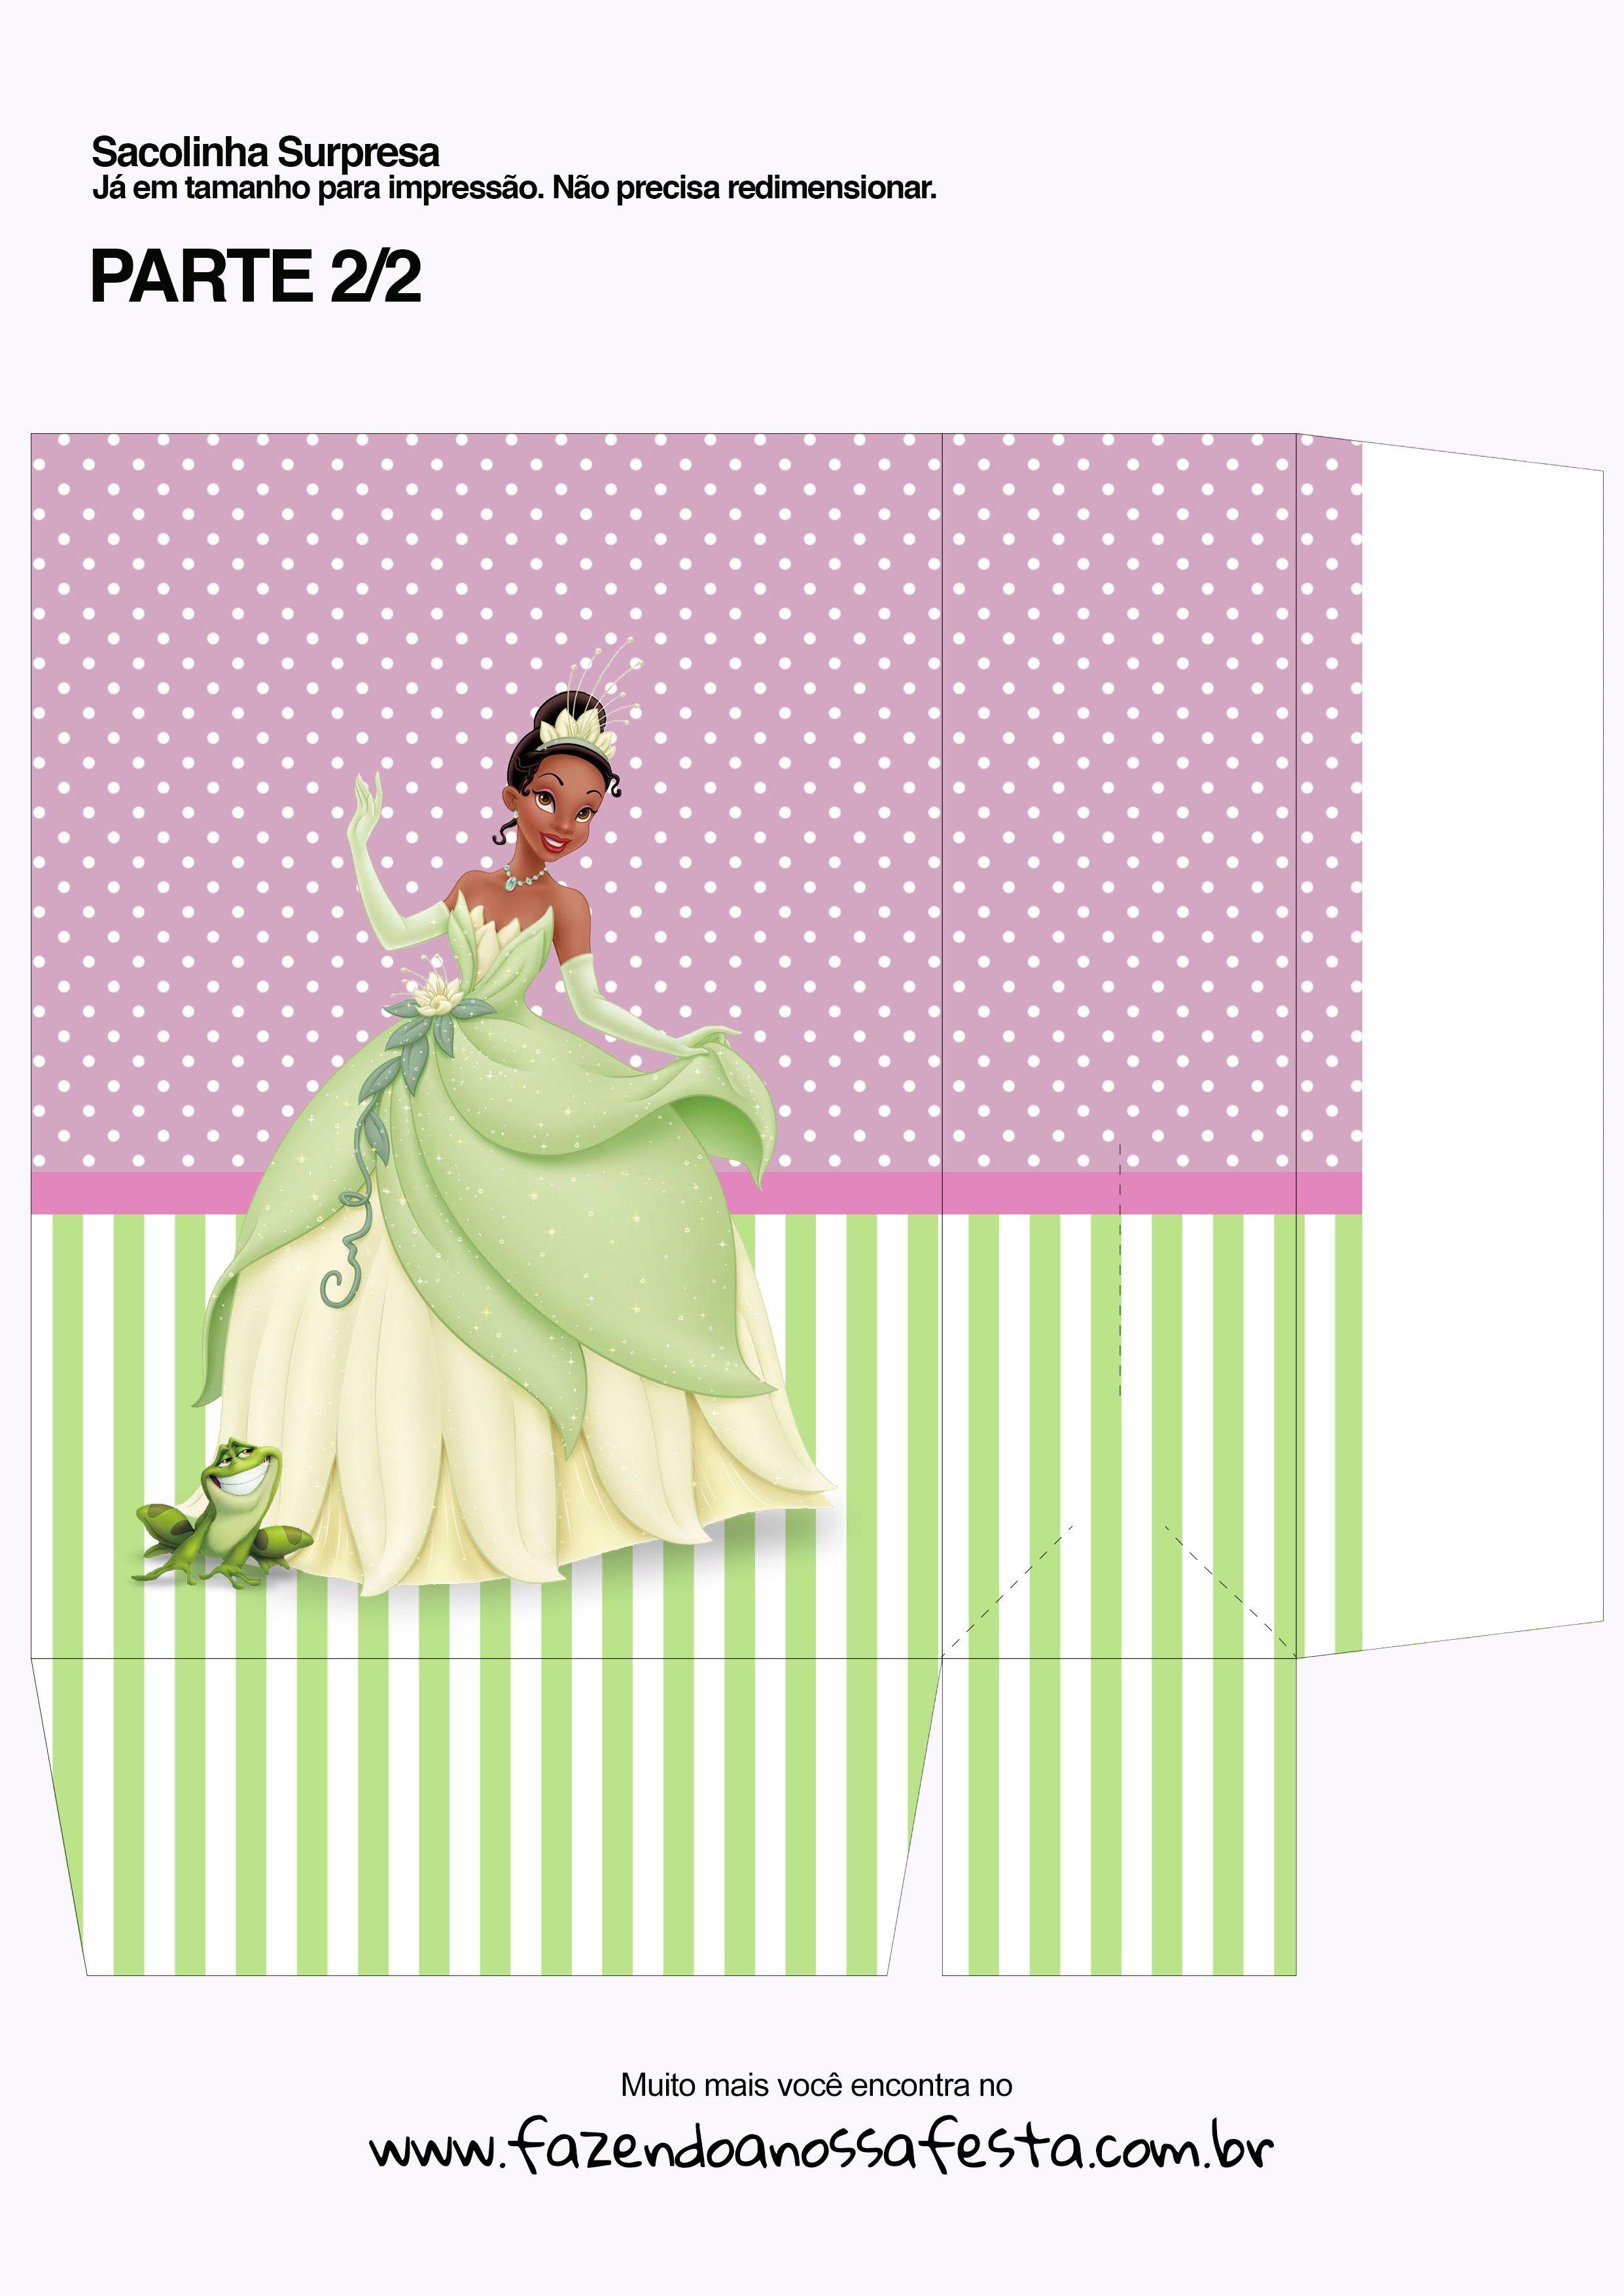 Pin De Marina Em Party Disney Princesa Tiana Decoracao Festa Barbie Tiana